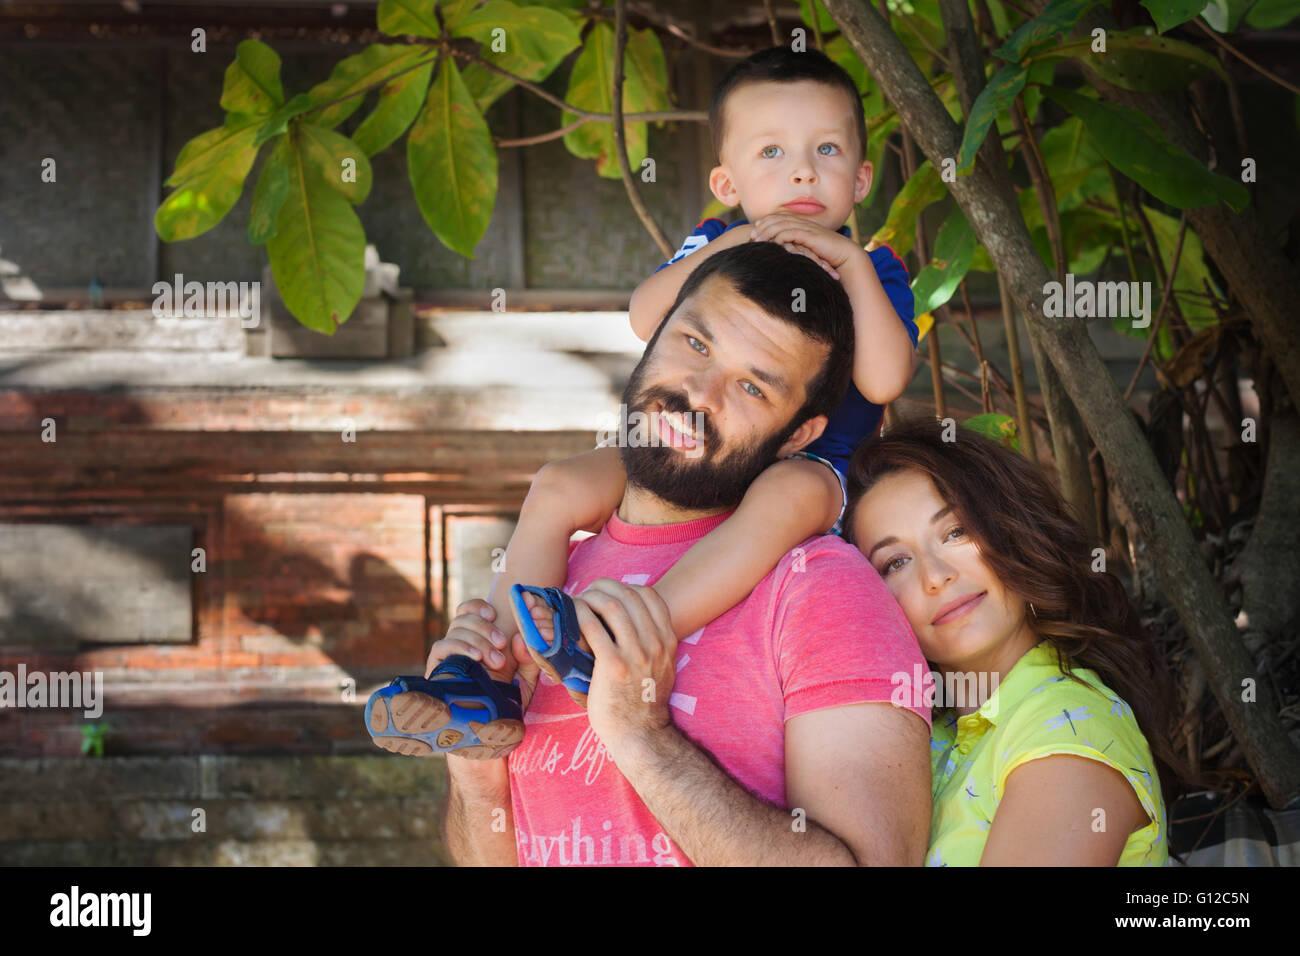 230b44f8a2cc Face portrait de famille belle - mère, père heureux holding baby son on  shoulders marcher